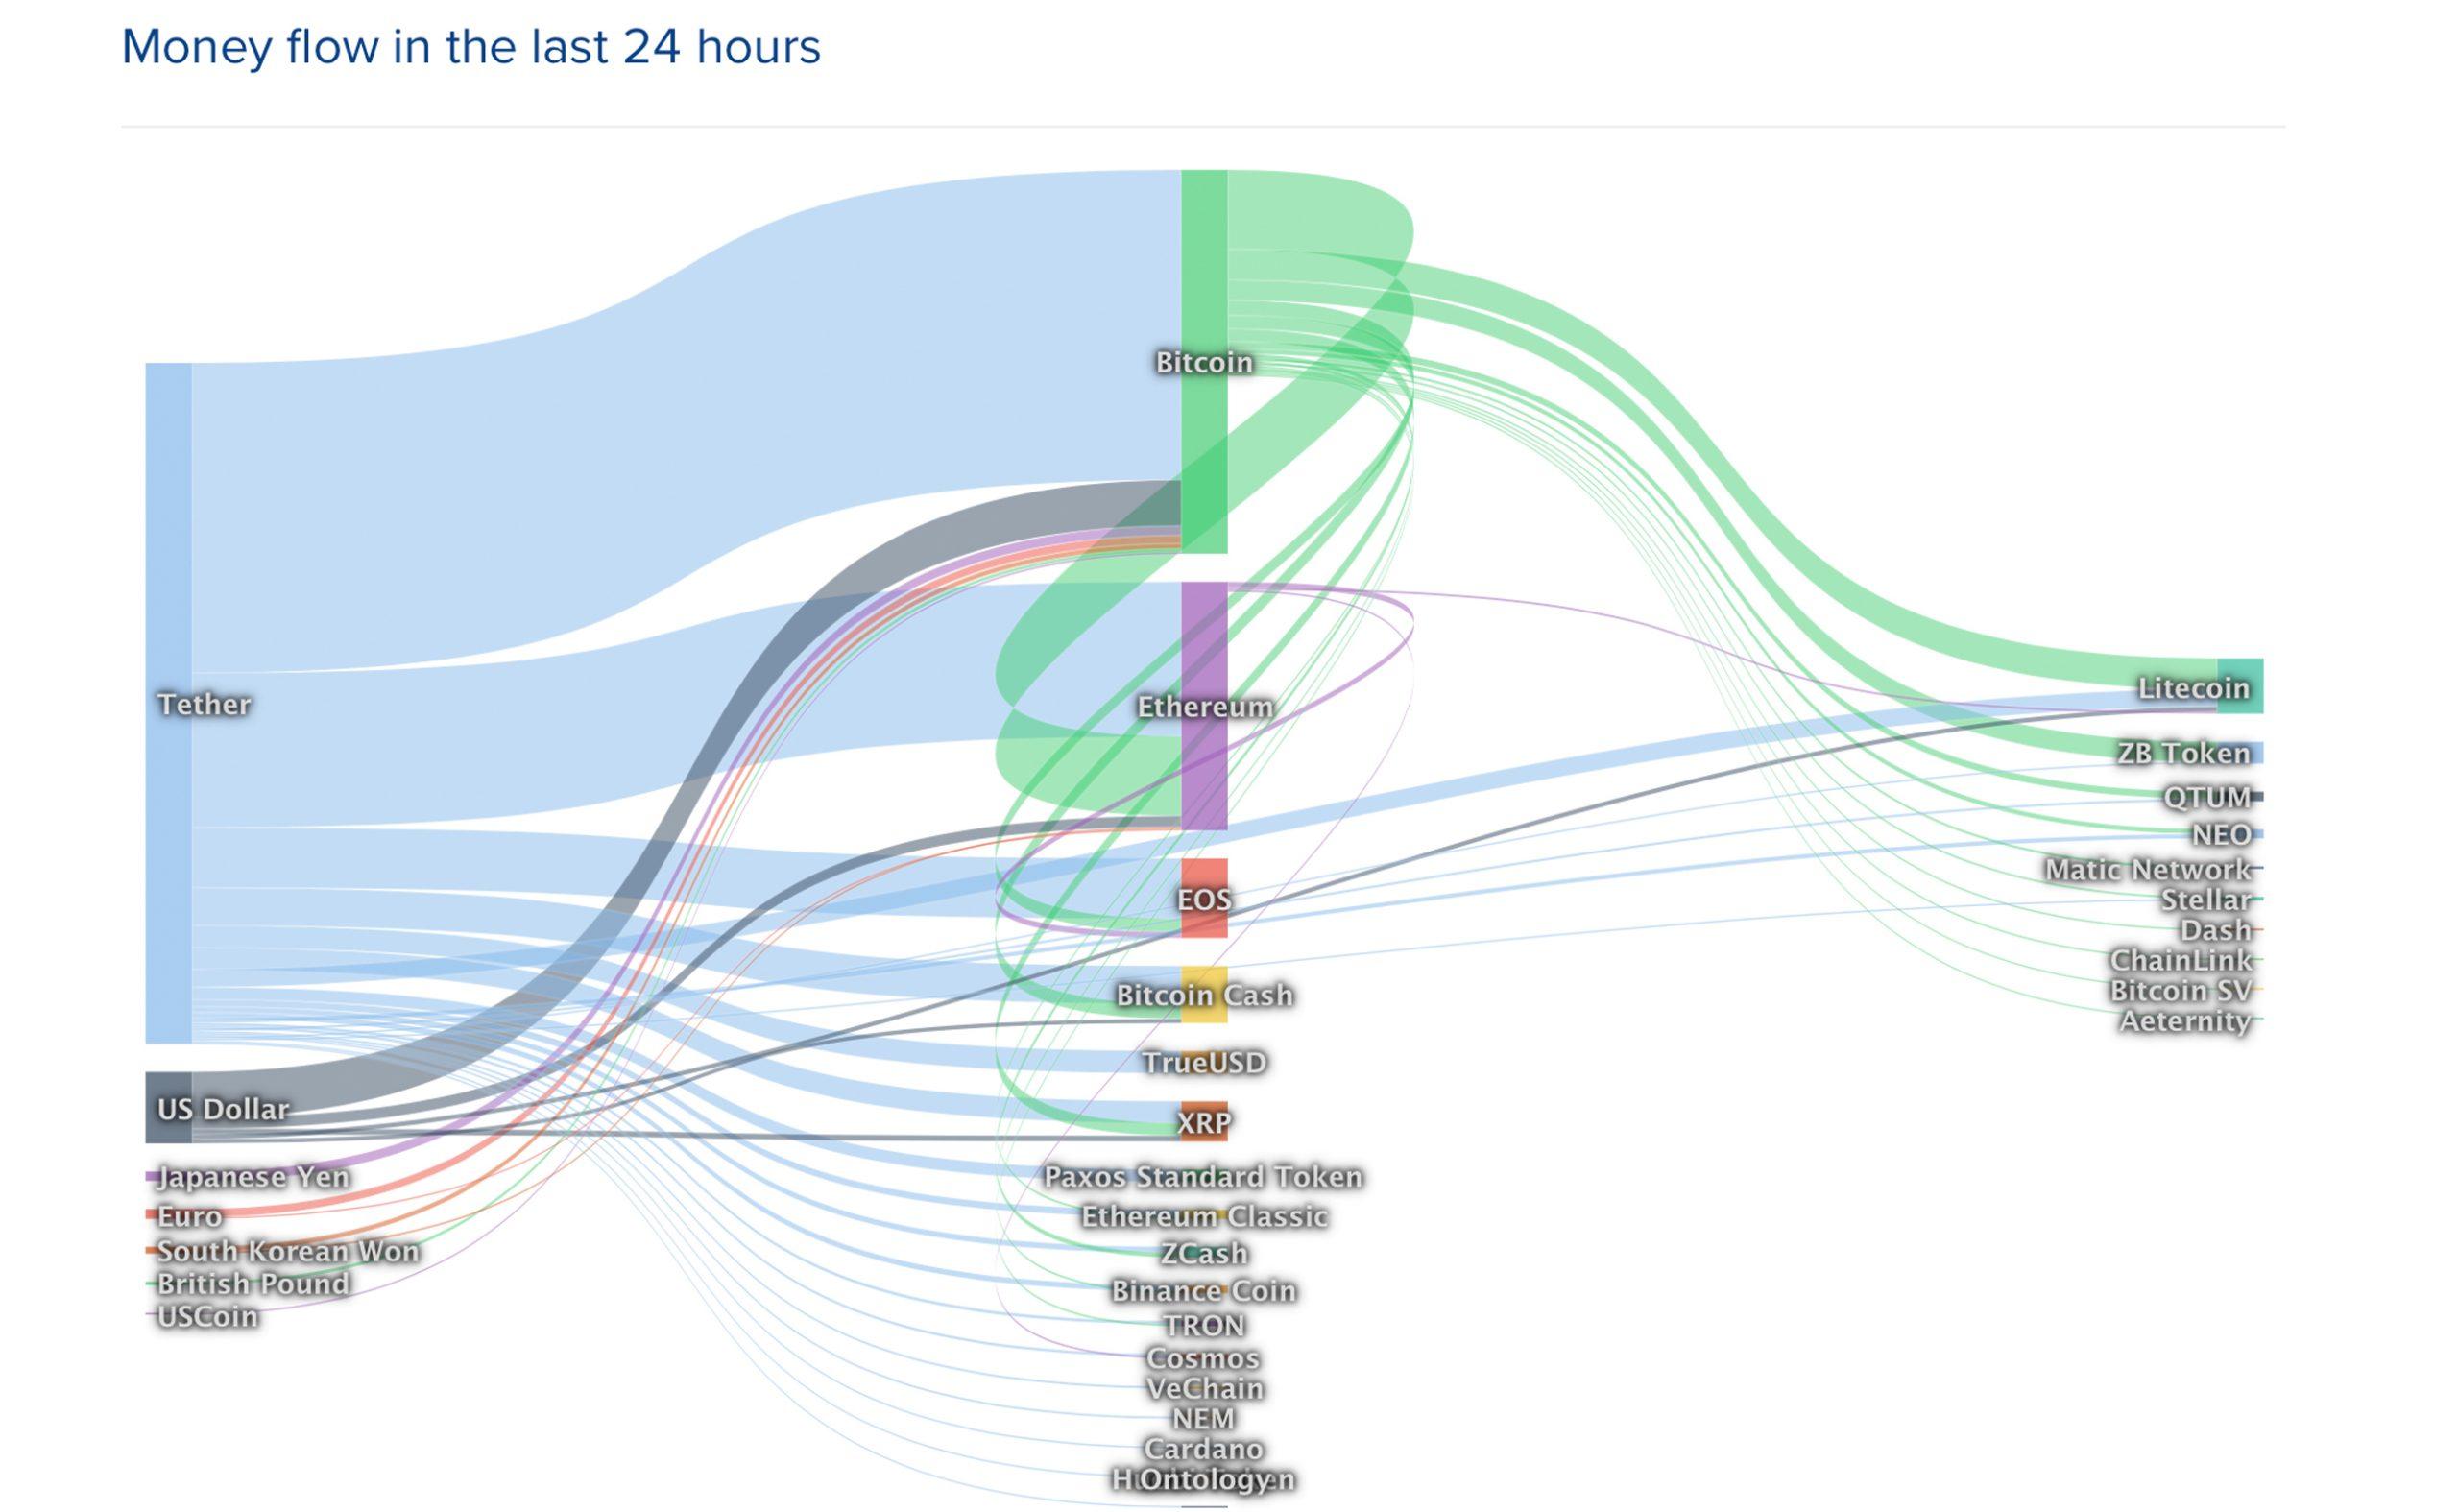 """Actualización del mercado: Incertidumbre ataca a los comerciantes de criptomonedas después de una tendencia bajista de una semana"""" width = """"2560"""" height = """"1575"""" srcset = """"https: //news.bitcoin.com/wp-content/uploads/2019/11/mflow2511-scaled.jpg 2560w, https://news.bitcoin.com/wp-content/uploads/2019/11/mflow2511-300x185.jpg 300w, https://news.bitcoin.com/wp-content/uploads/2019/11/mflow2511-1024x630.jpg 1024w, https://news.bitcoin.com/wp-content/uploads/2019/11/mflow2511 -768x473.jpg 768w, https://news.bitcoin.com/wp-content/uploads/2019/11/mflow2511-1536x945.jpg 1536w, https://news.bitcoin.com/wp-content/uploads/2019 /11/mflow2511-2048x1260.jpg 2048w, https://news.bitcoin.com/wp-content/uploads/2019/11/mflow2511-696x428.jpg 696w, https://news.bitcoin.com/wp-content /uploads/2019/11/mflow2511-1392x857.jpg 1392w, https://news.bitcoin.com/wp-content/uploads/2019/11/mflow2511-1068x657.jpg 1068w, https://news.bitcoin.com /wp-content/uploads/2019/11/mflow2511-683x420.jpg 6 83w, https://news.bitcoin.com/wp-content/uploads/2019/11/mflow2511-1920x1182.jpg 1920w """"tamaños ="""" (ancho máximo: 2560px) 100vw, 2560px"""